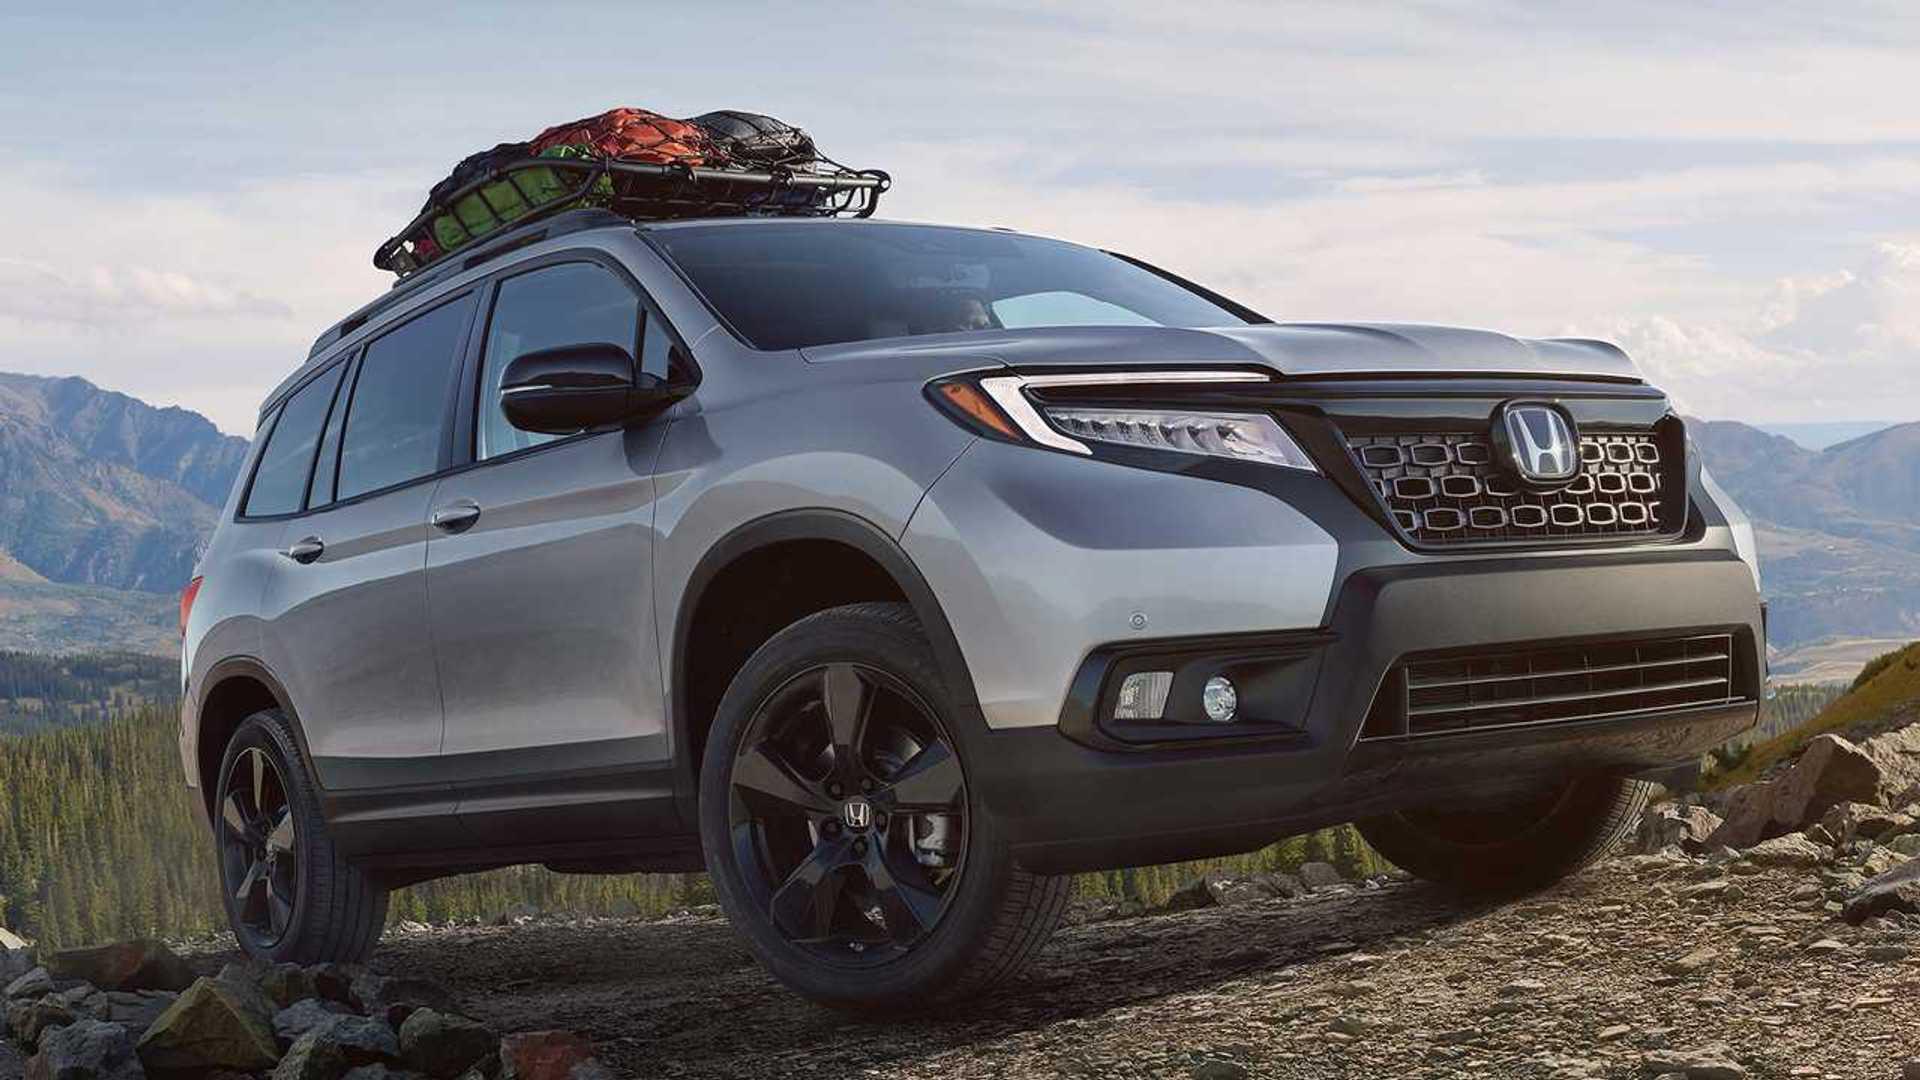 Honda lança novo SUV Passport para encarar Ford Edge e Chevrolet Blazer